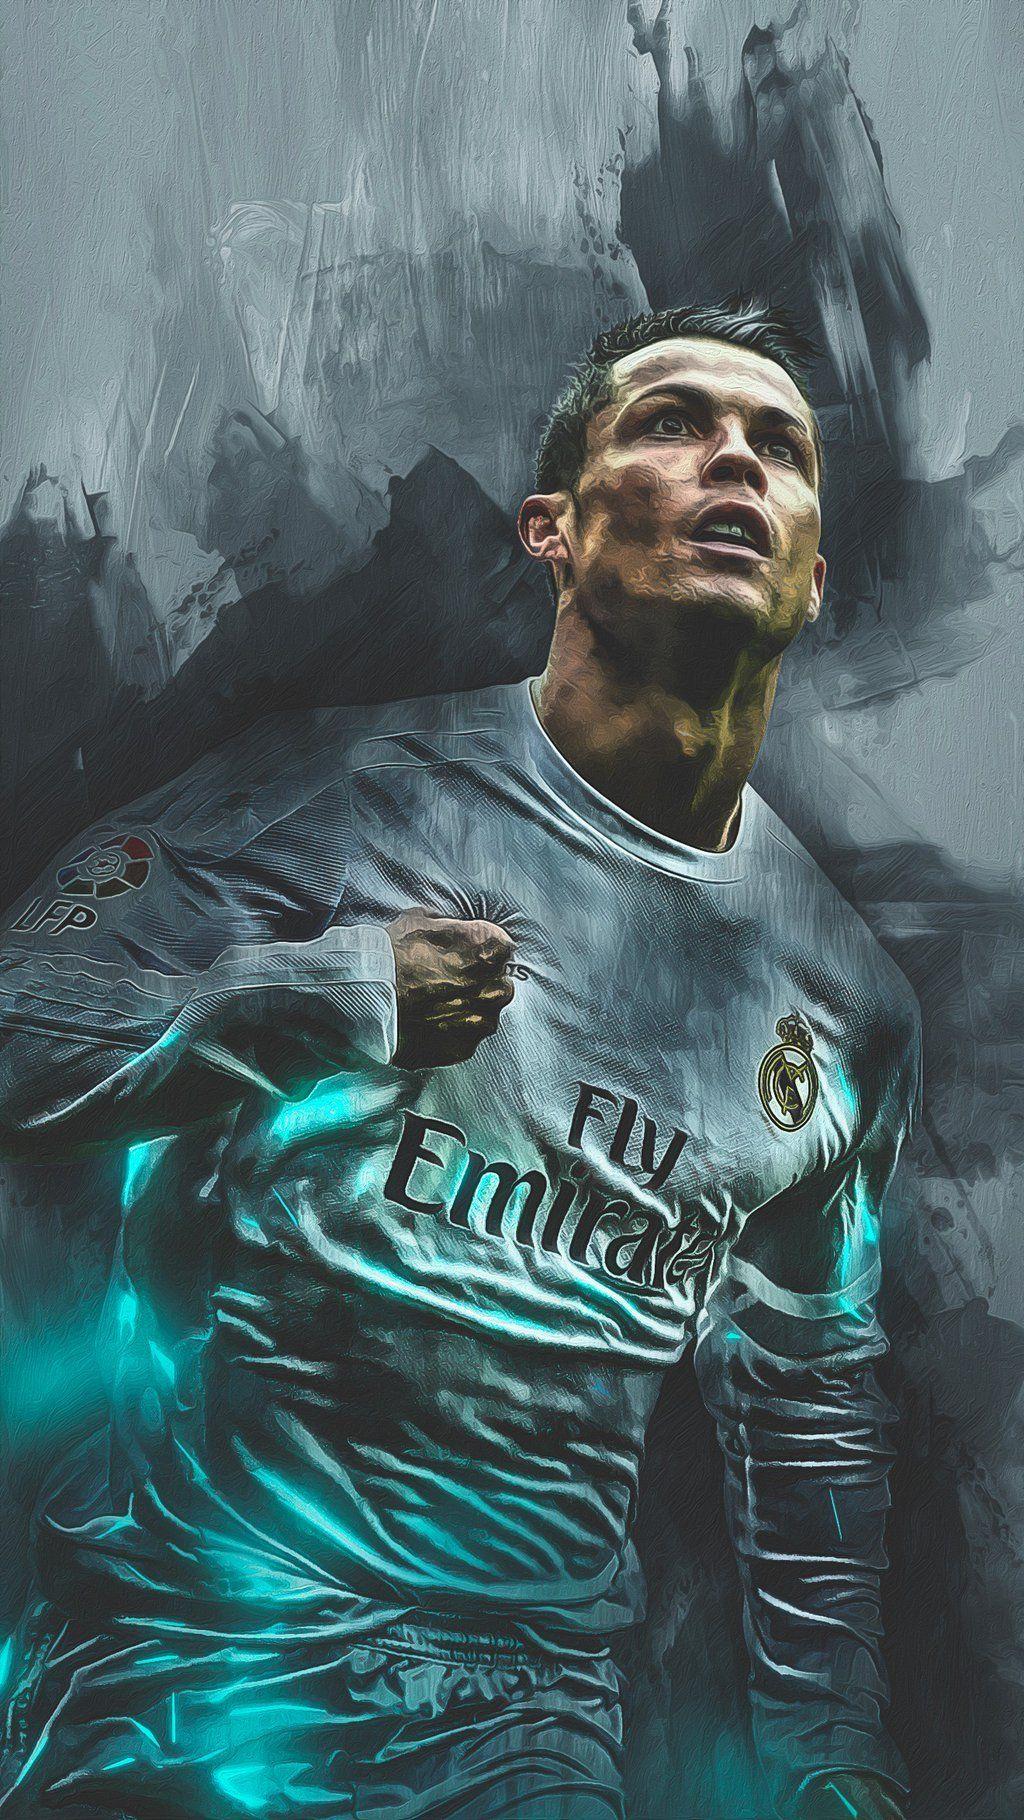 Cristiano Ronaldo mobile wallpaper Cristiano ronaldo